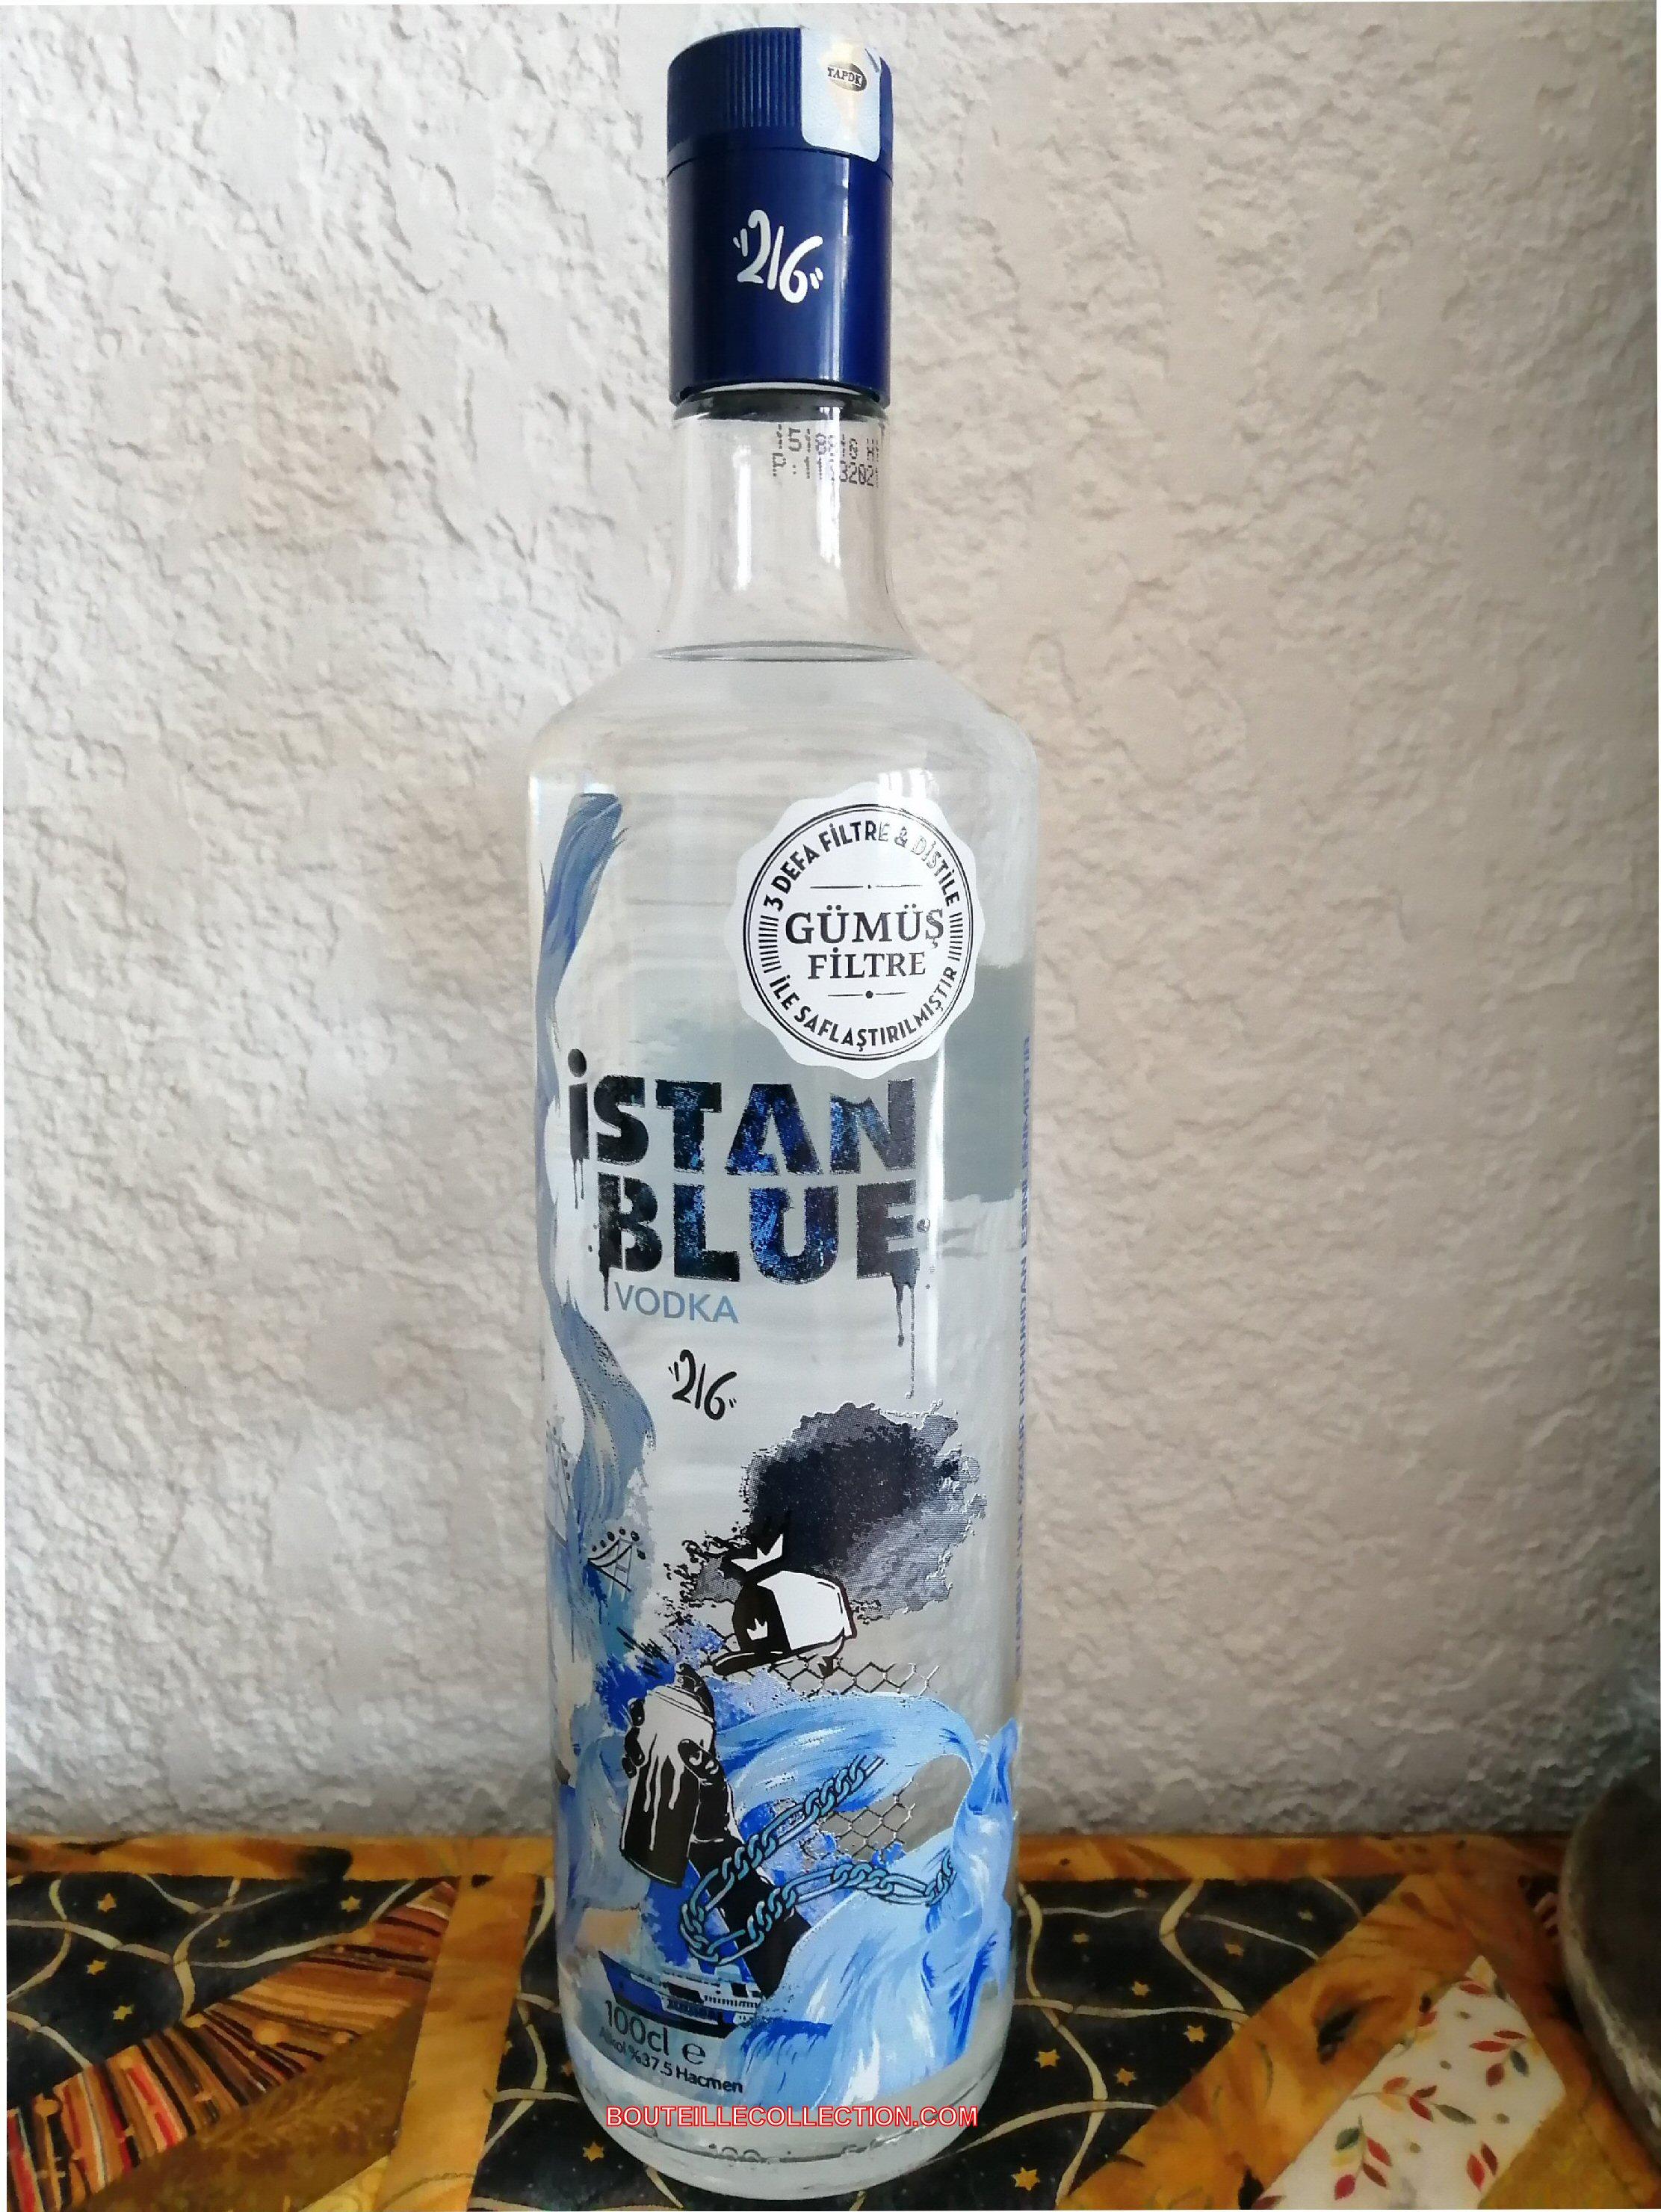 ISTAN BLUE 1L B   .jpg